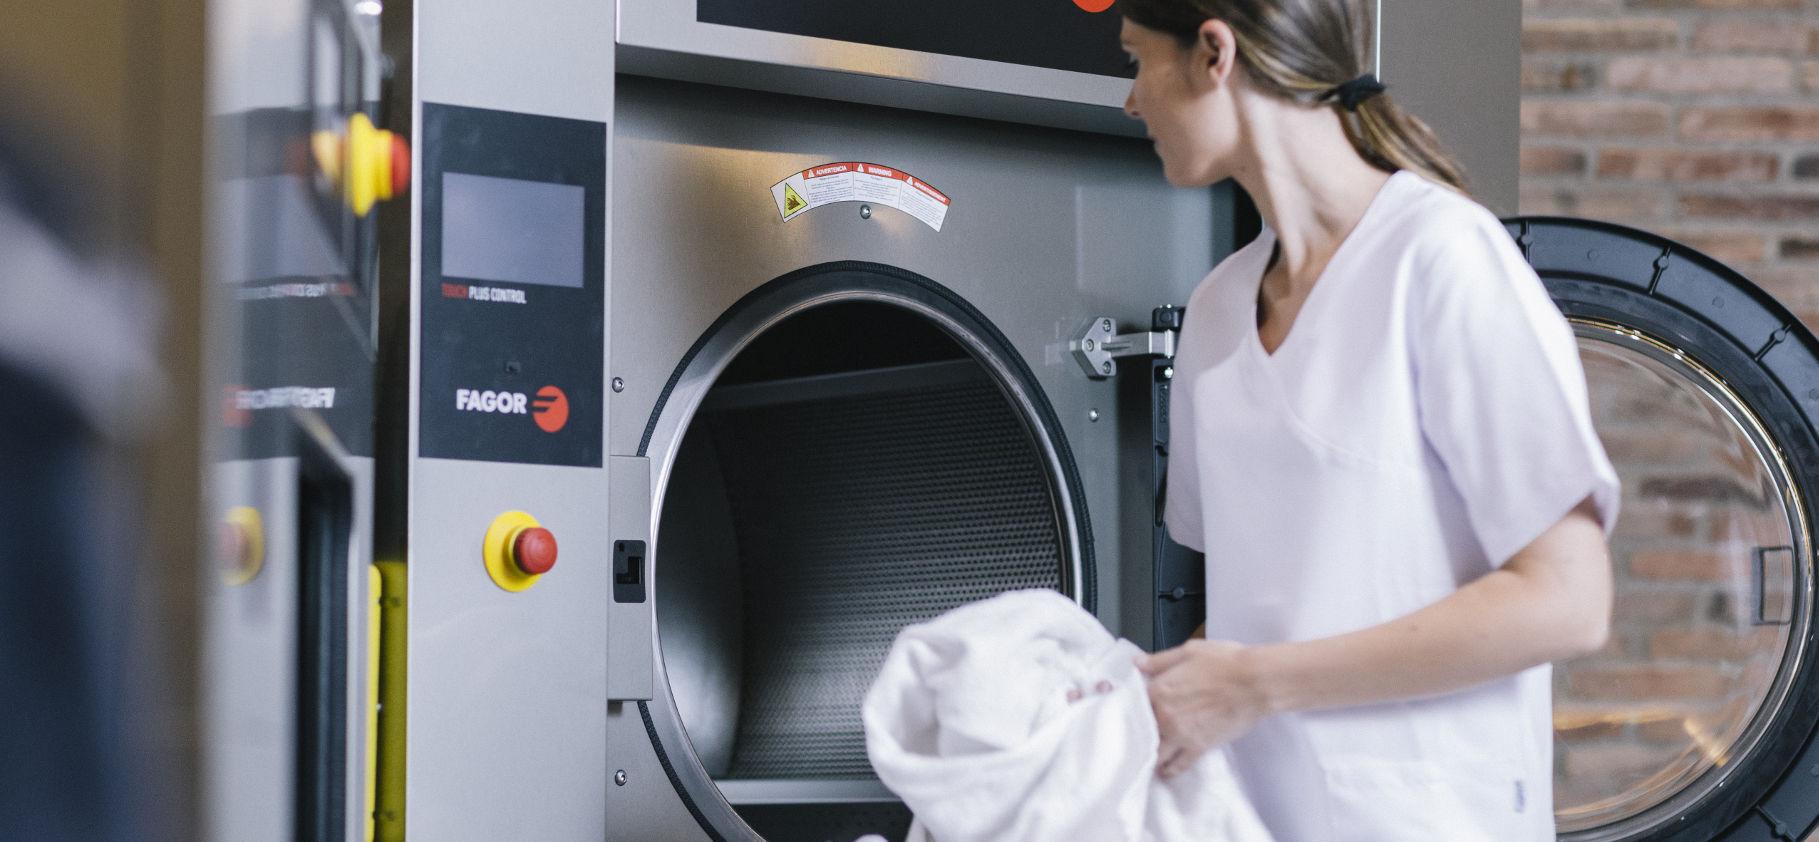 Lavaggio biancheria per b&b, Hotel e Cliniche private a Napoli